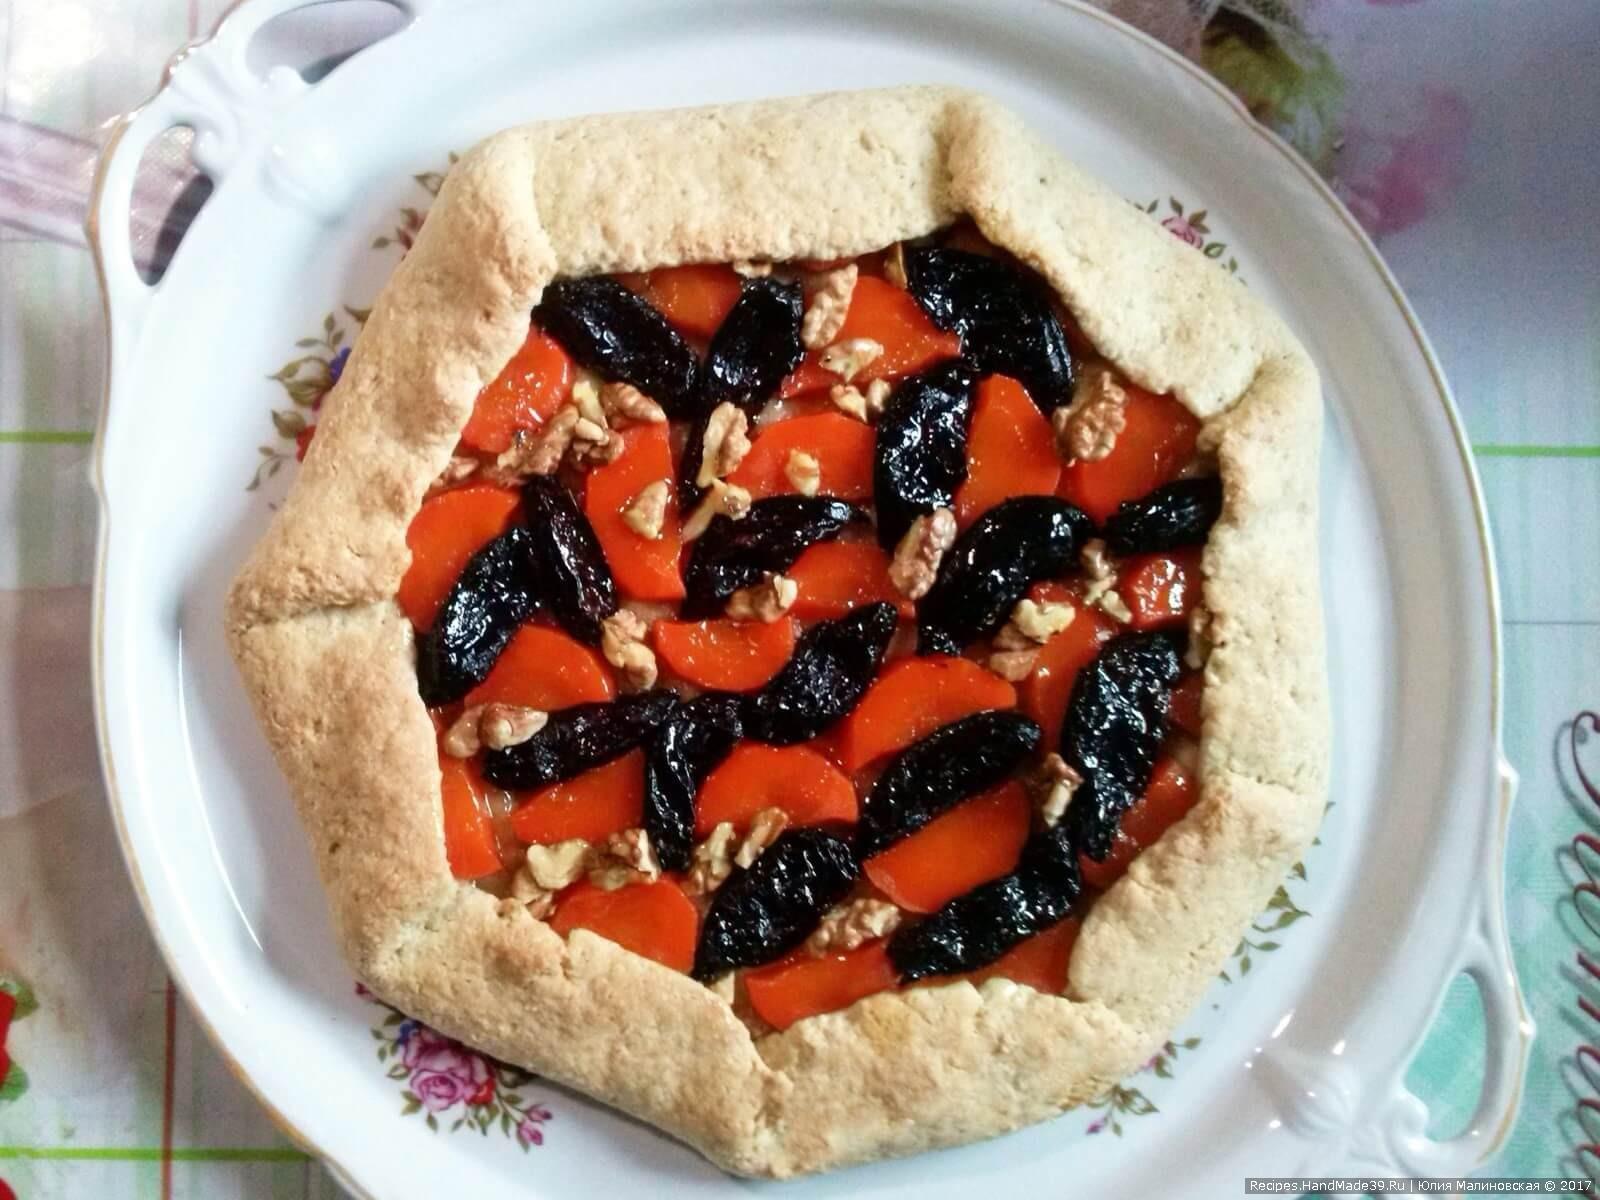 Постный пирог-галета «Лакомство гномов» готов, приятного аппетита!